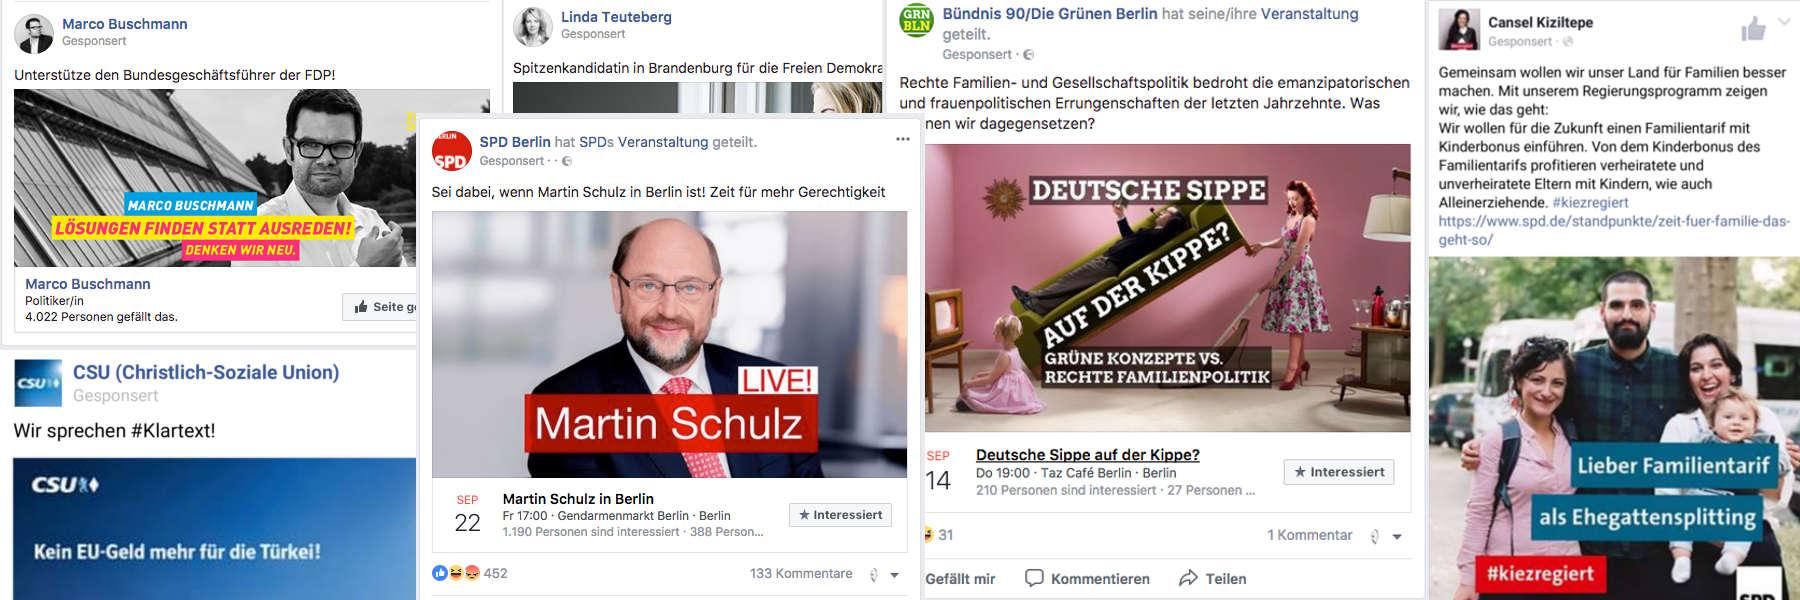 Der Facebook Wahlkampf 2017 - Collage aus Facebook Anzeigen